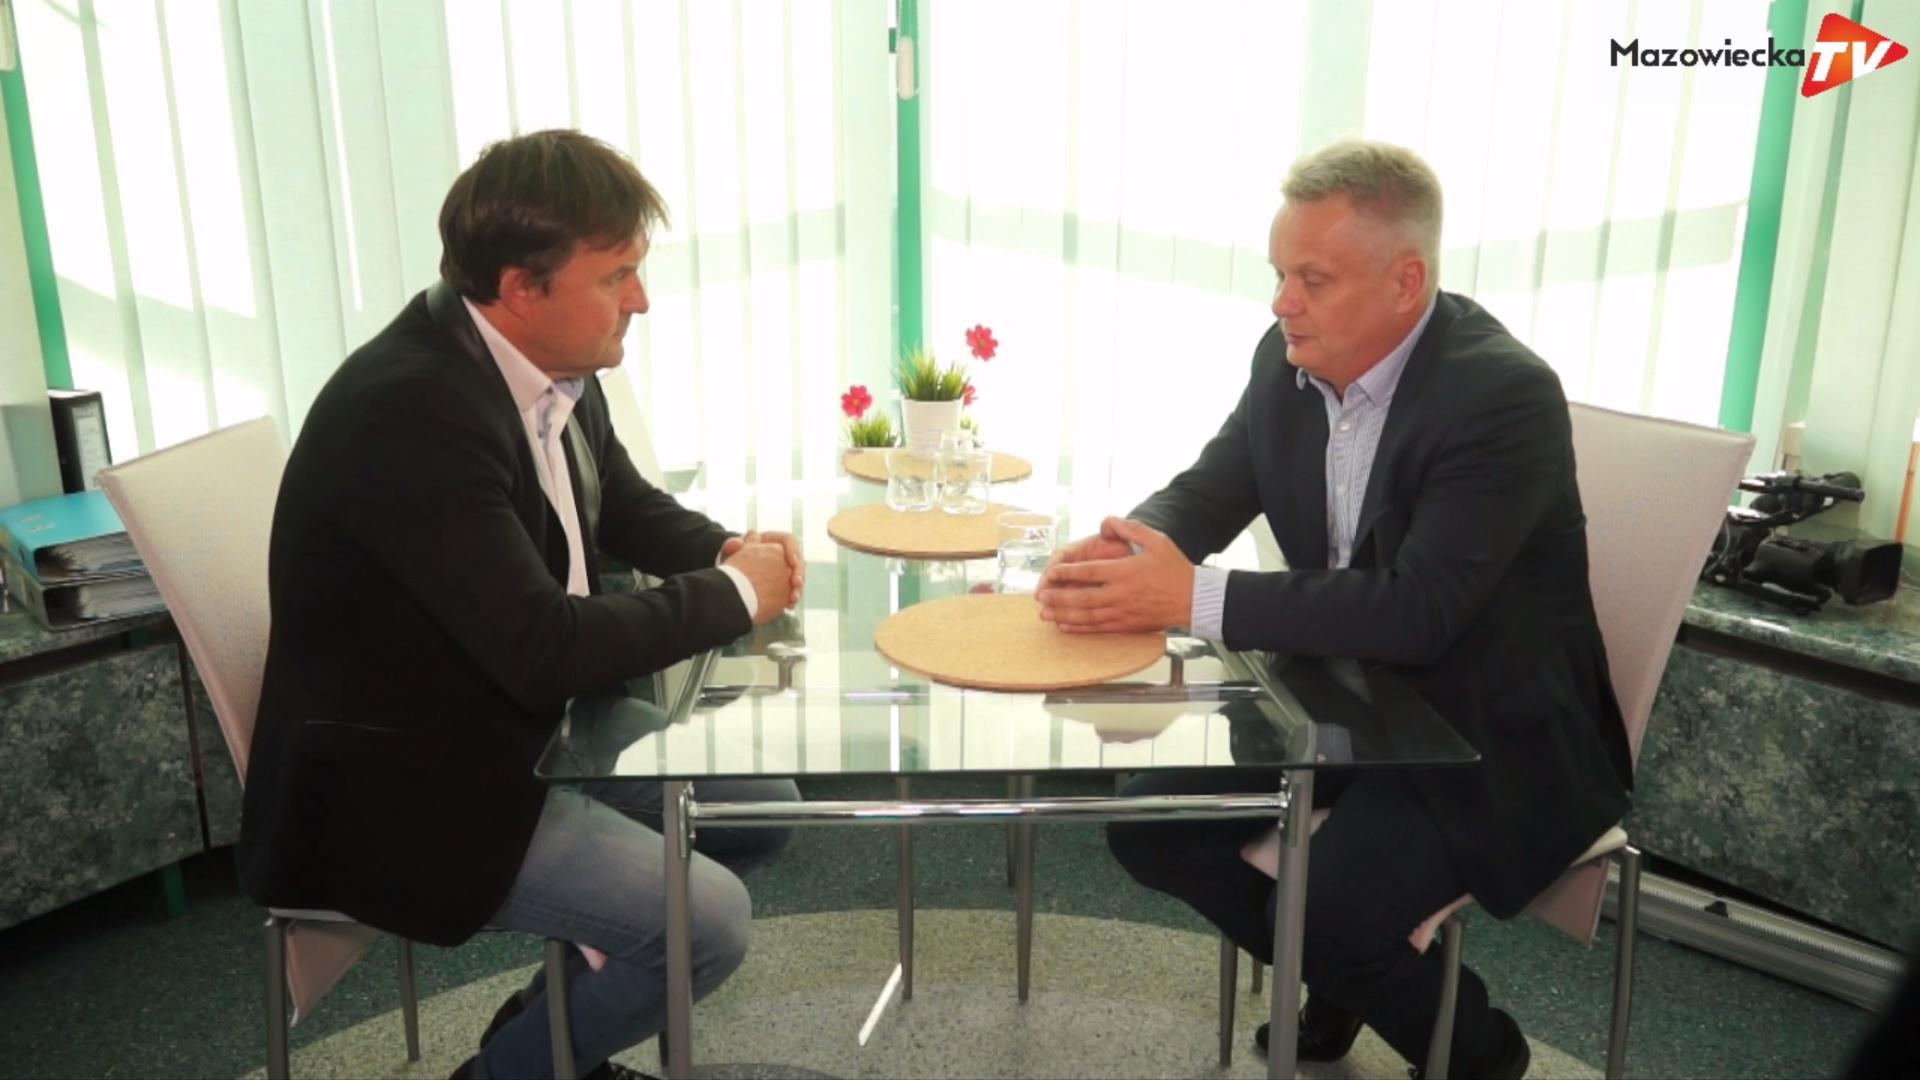 Obecna sytuacja w rolnictwie i nie tylko - rozmowa z posłem Mirosławem Maliszewskim